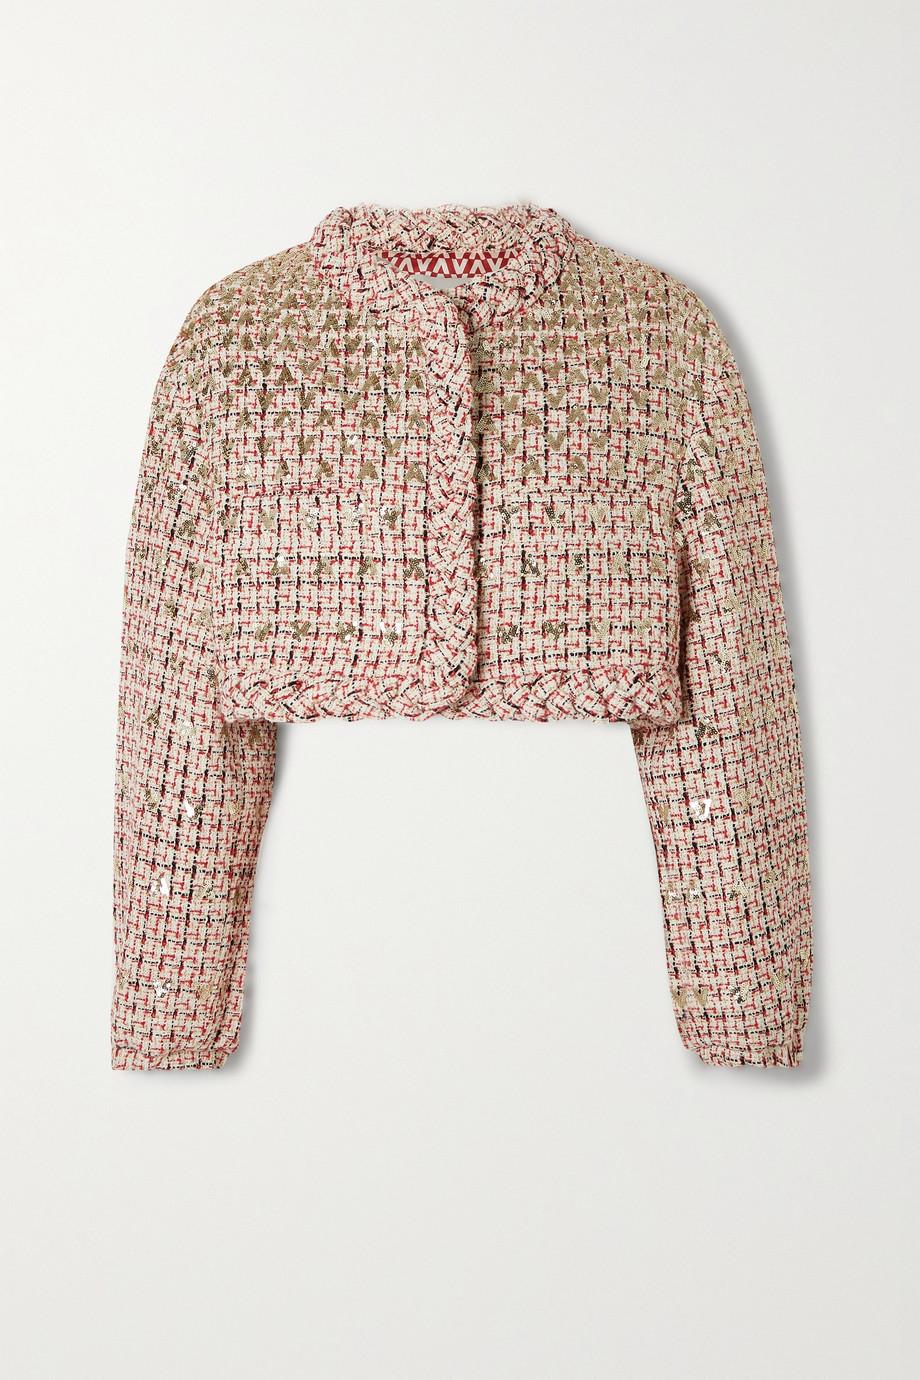 Valentino Sensation verkürzte Jacke aus Tweed aus einer Wollmischung in Metallic-Optik